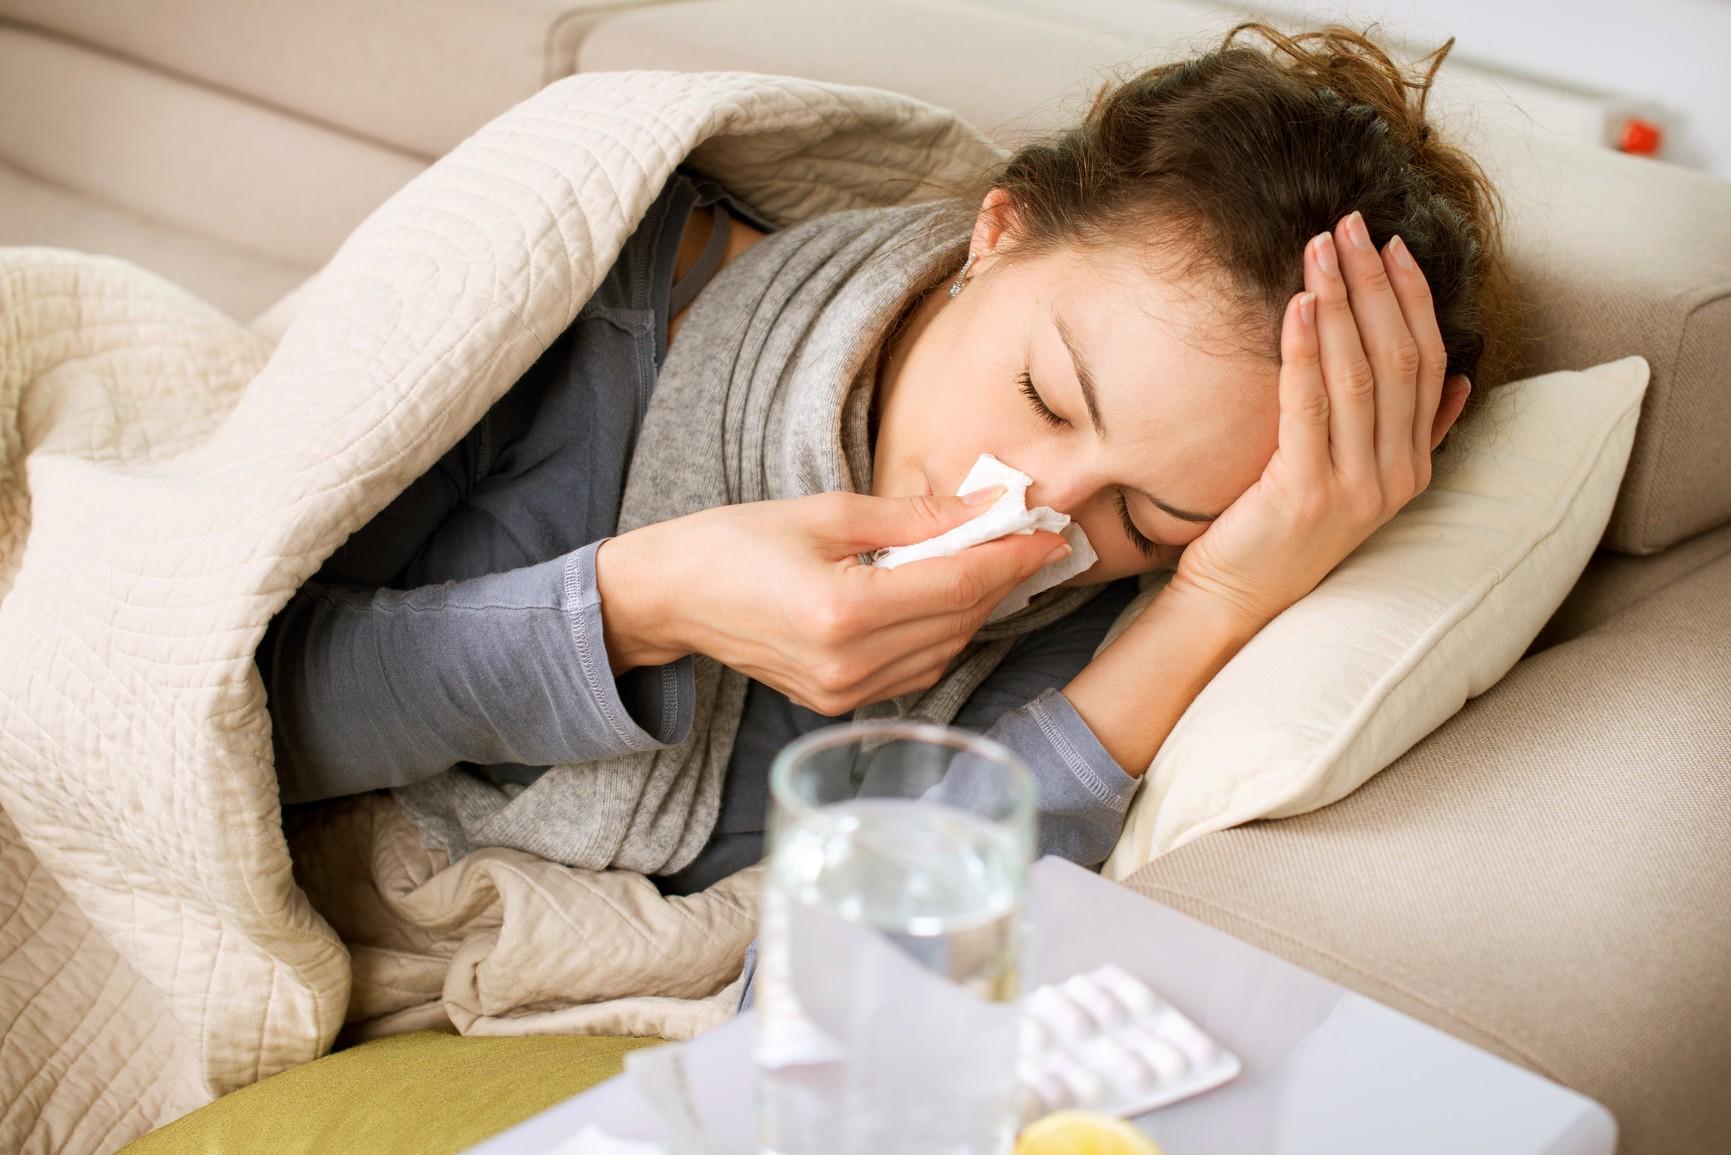 В Хабаровске зафиксировано снижение заболеваемости гриппом и ОРВИ